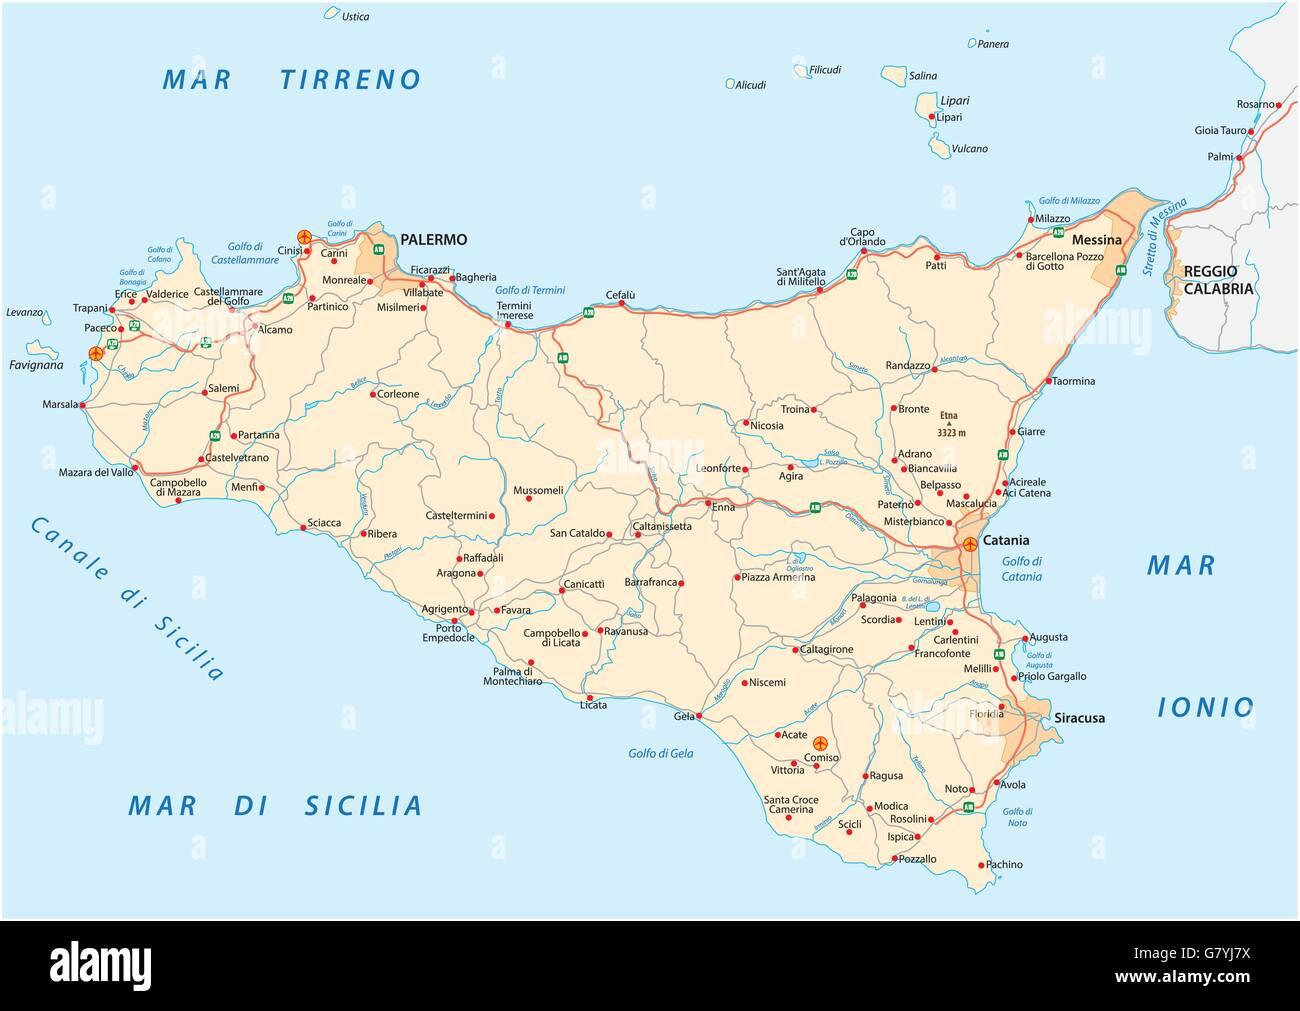 Cartina Della Sicilia Dettagliata.Vettore Dettagliata Cartina Stradale Di Islanda Sicilia Italia